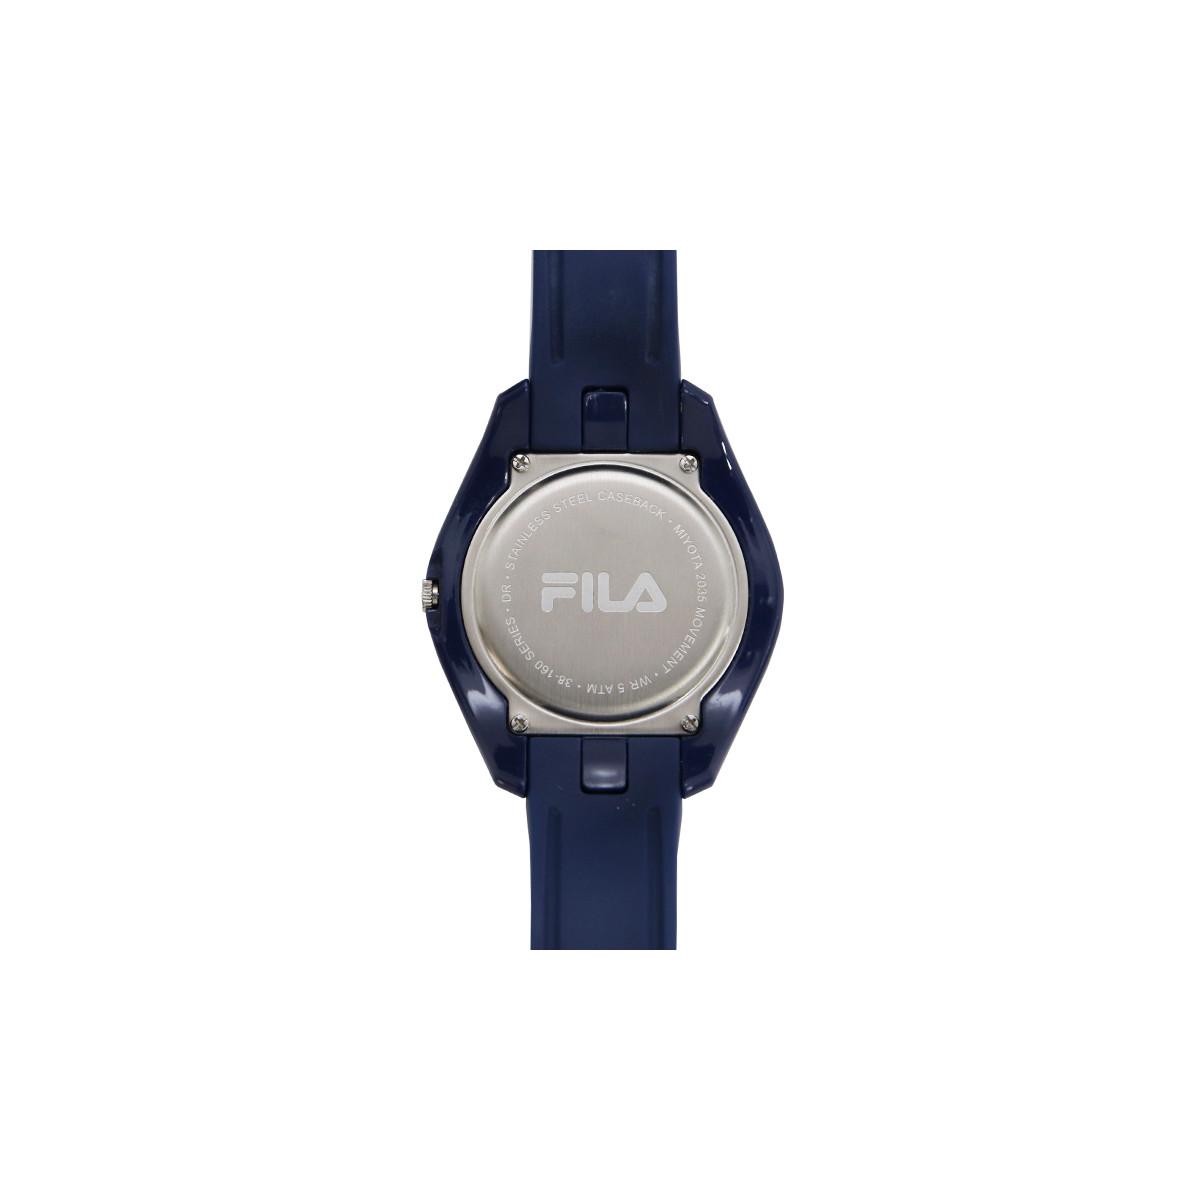 Montre mixte FILA cadran bleu - 38-160-005